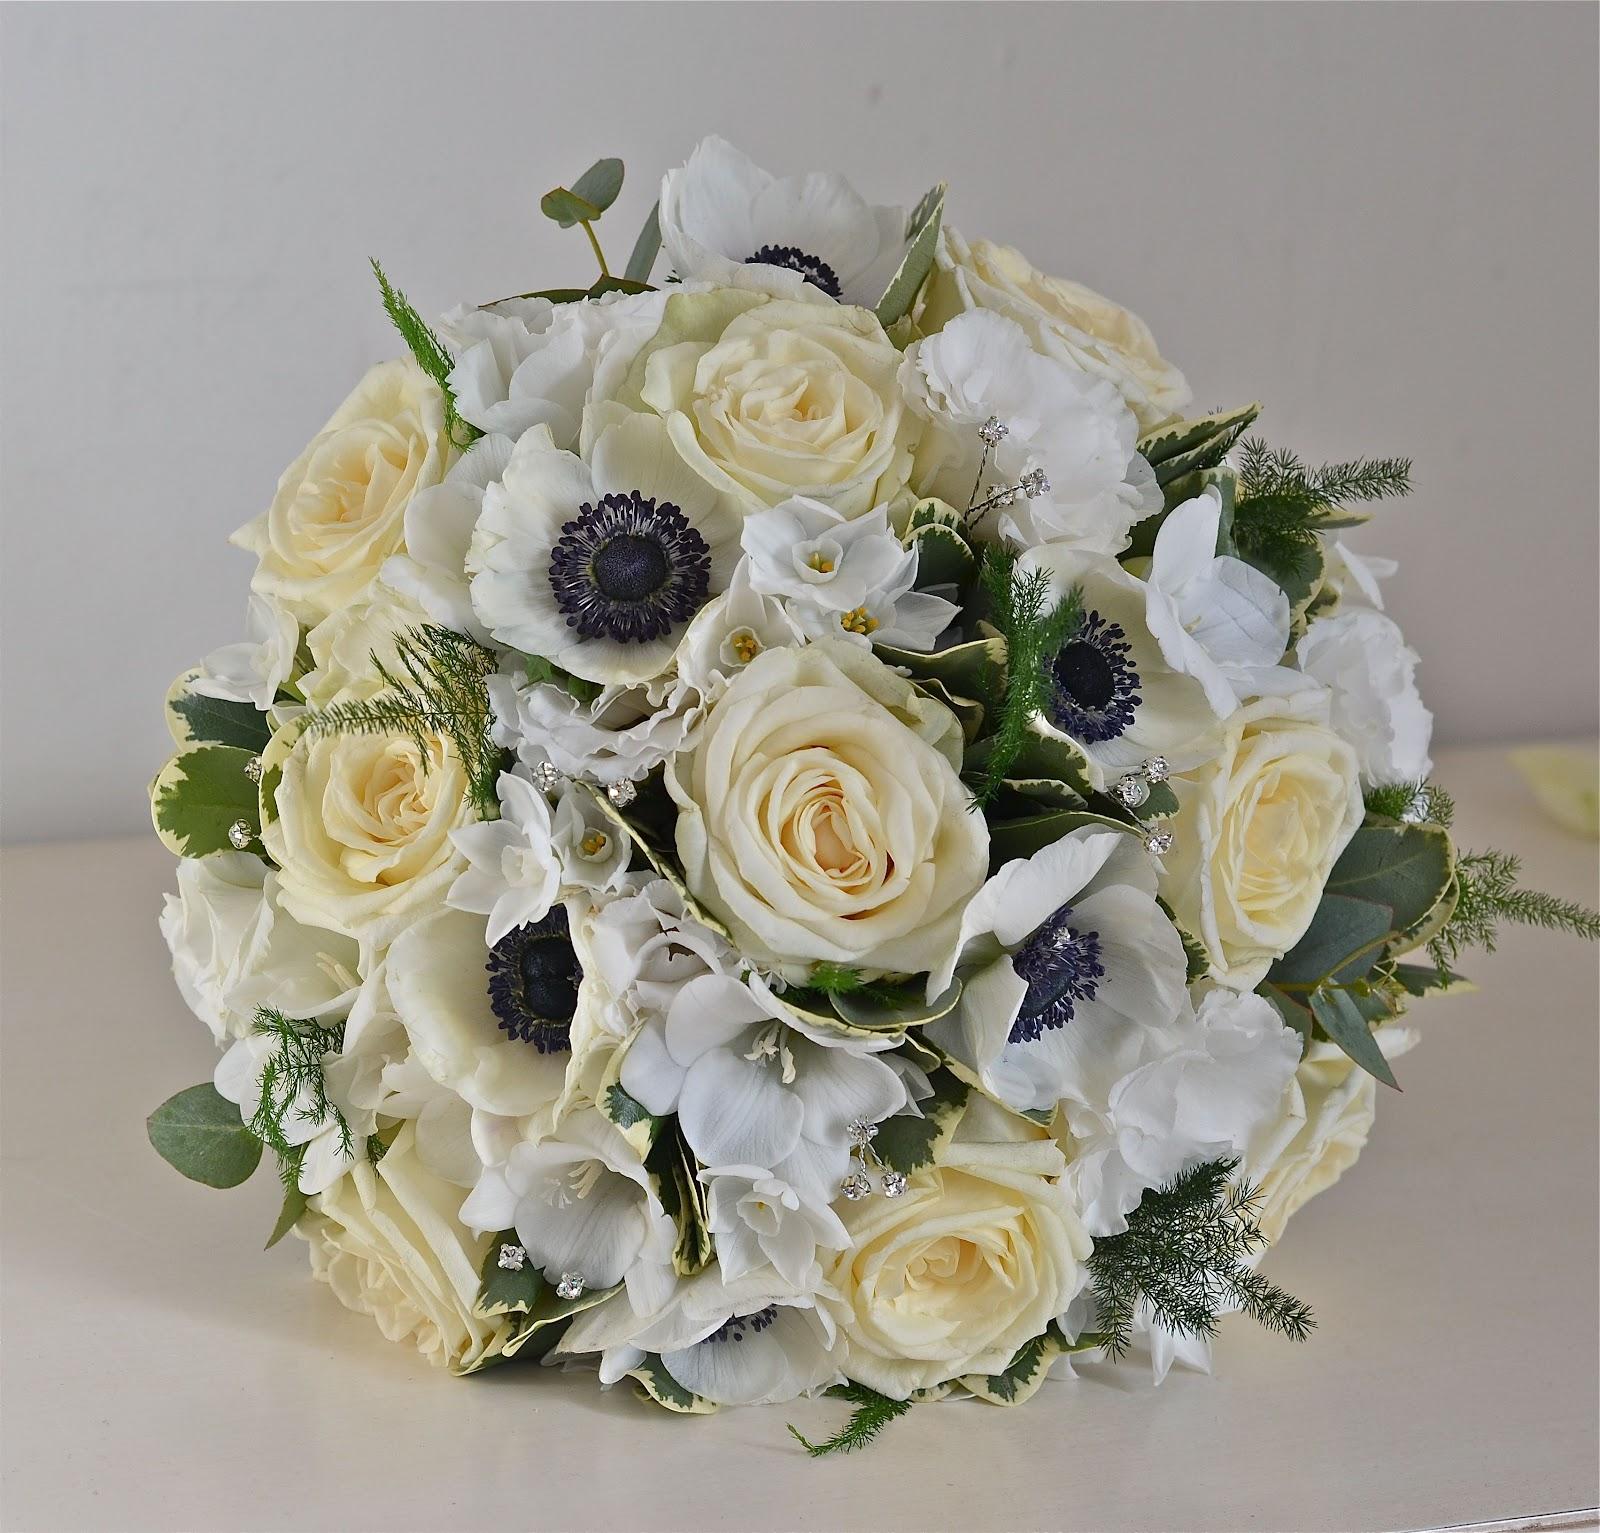 Vintage Wedding Flower Bouquets: Wedding Flowers Blog: Rachels's Vintage Wedding Flowers